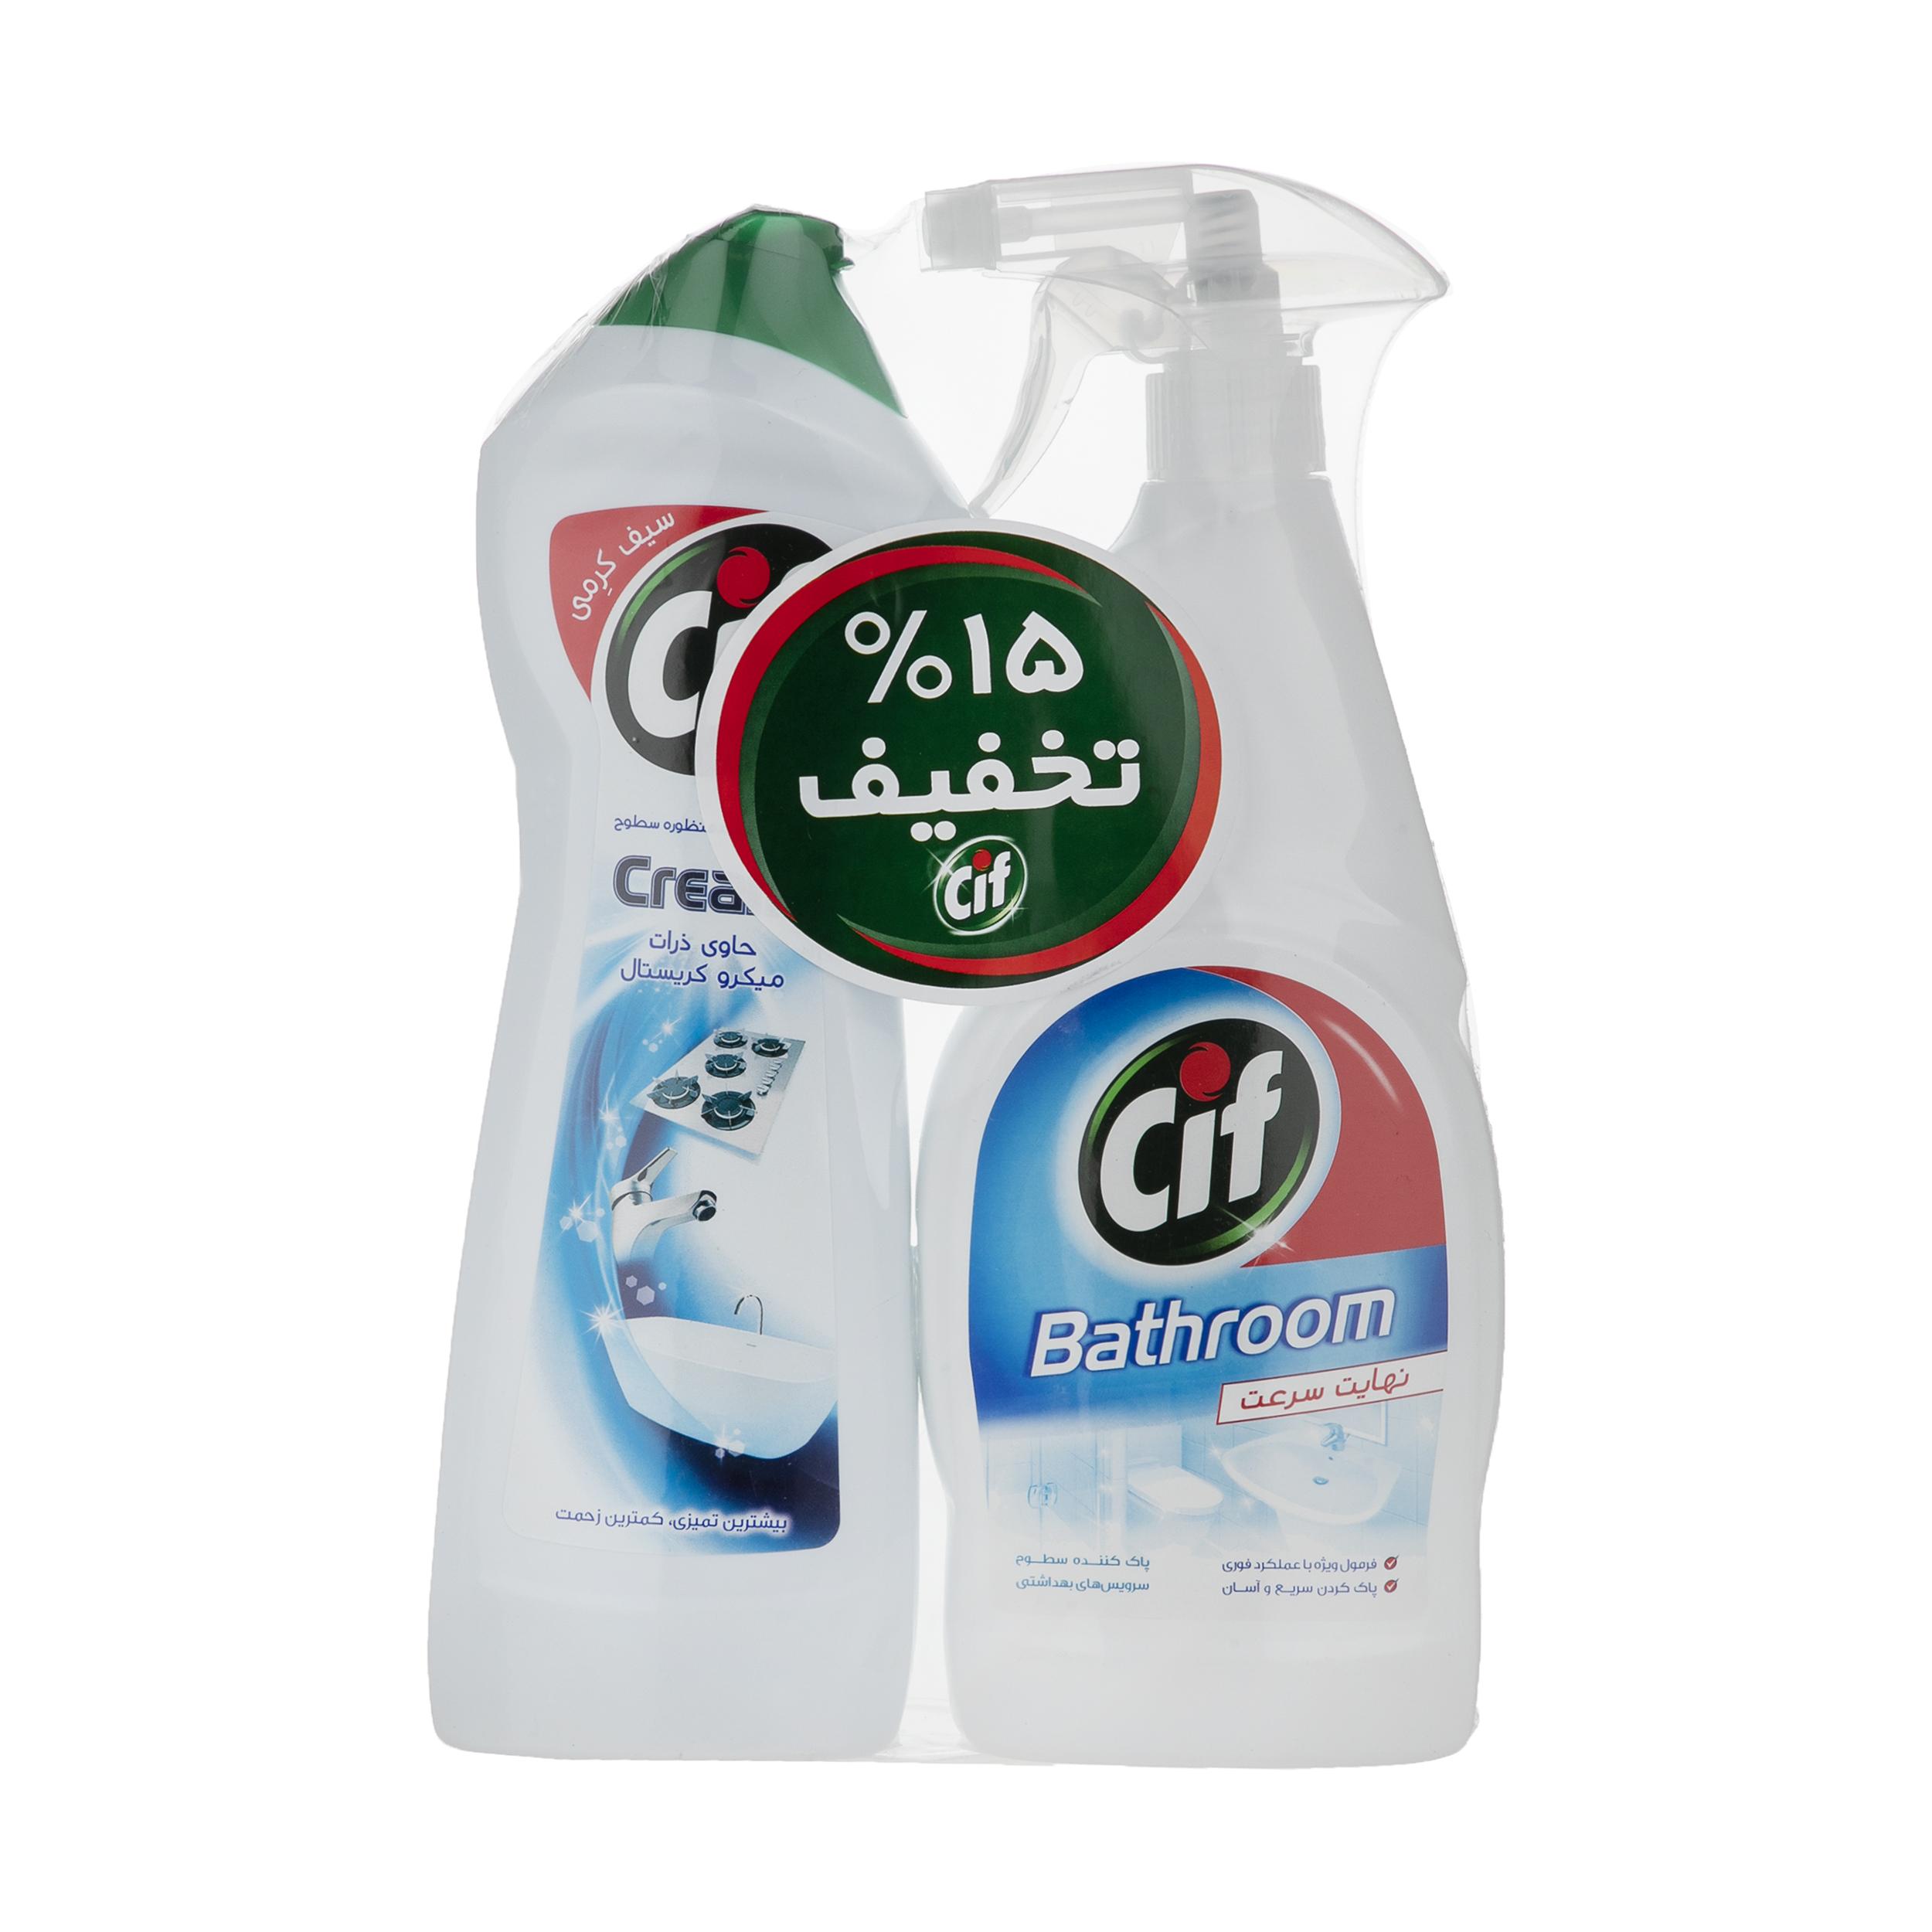 کرم پاک کننده چند منظوره سطوح و اسپری سفید کننده سطوح سیف مقدار 750 گرم مجموعه 2 عددی